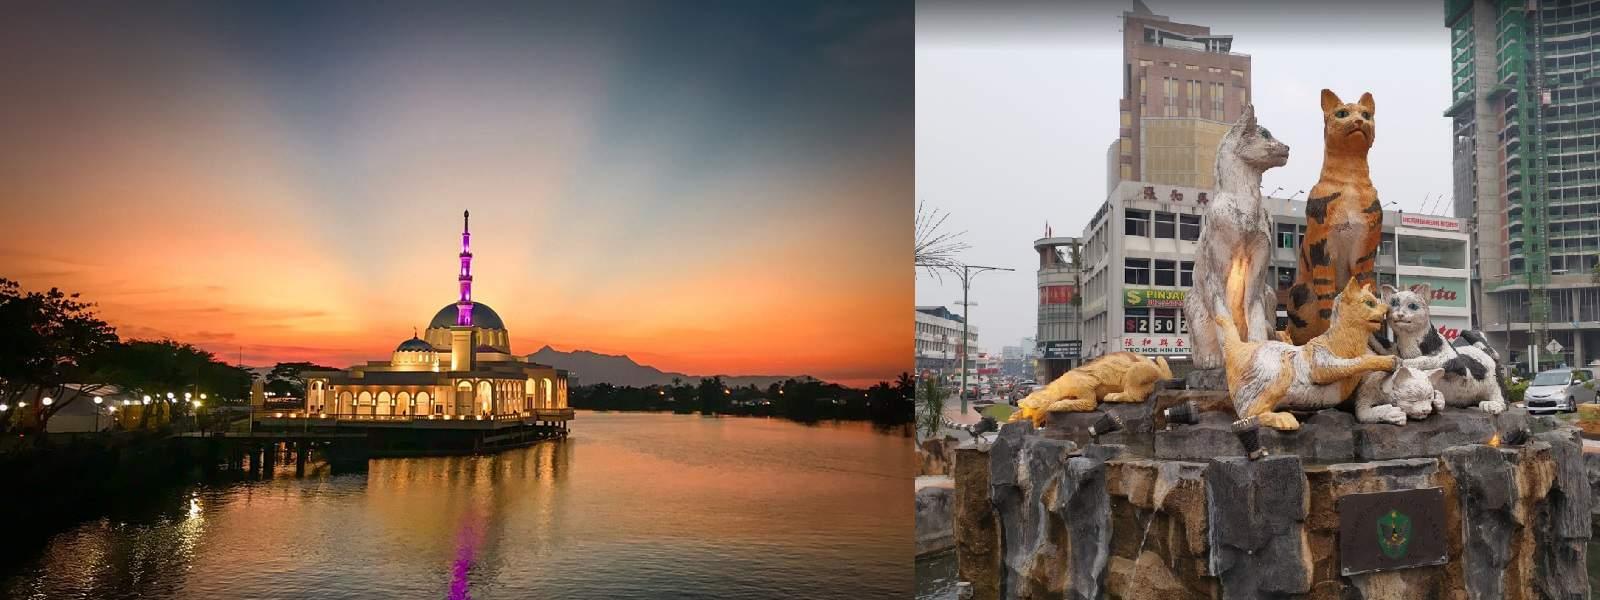 Du lịch Kuching Sarawak Malaysia